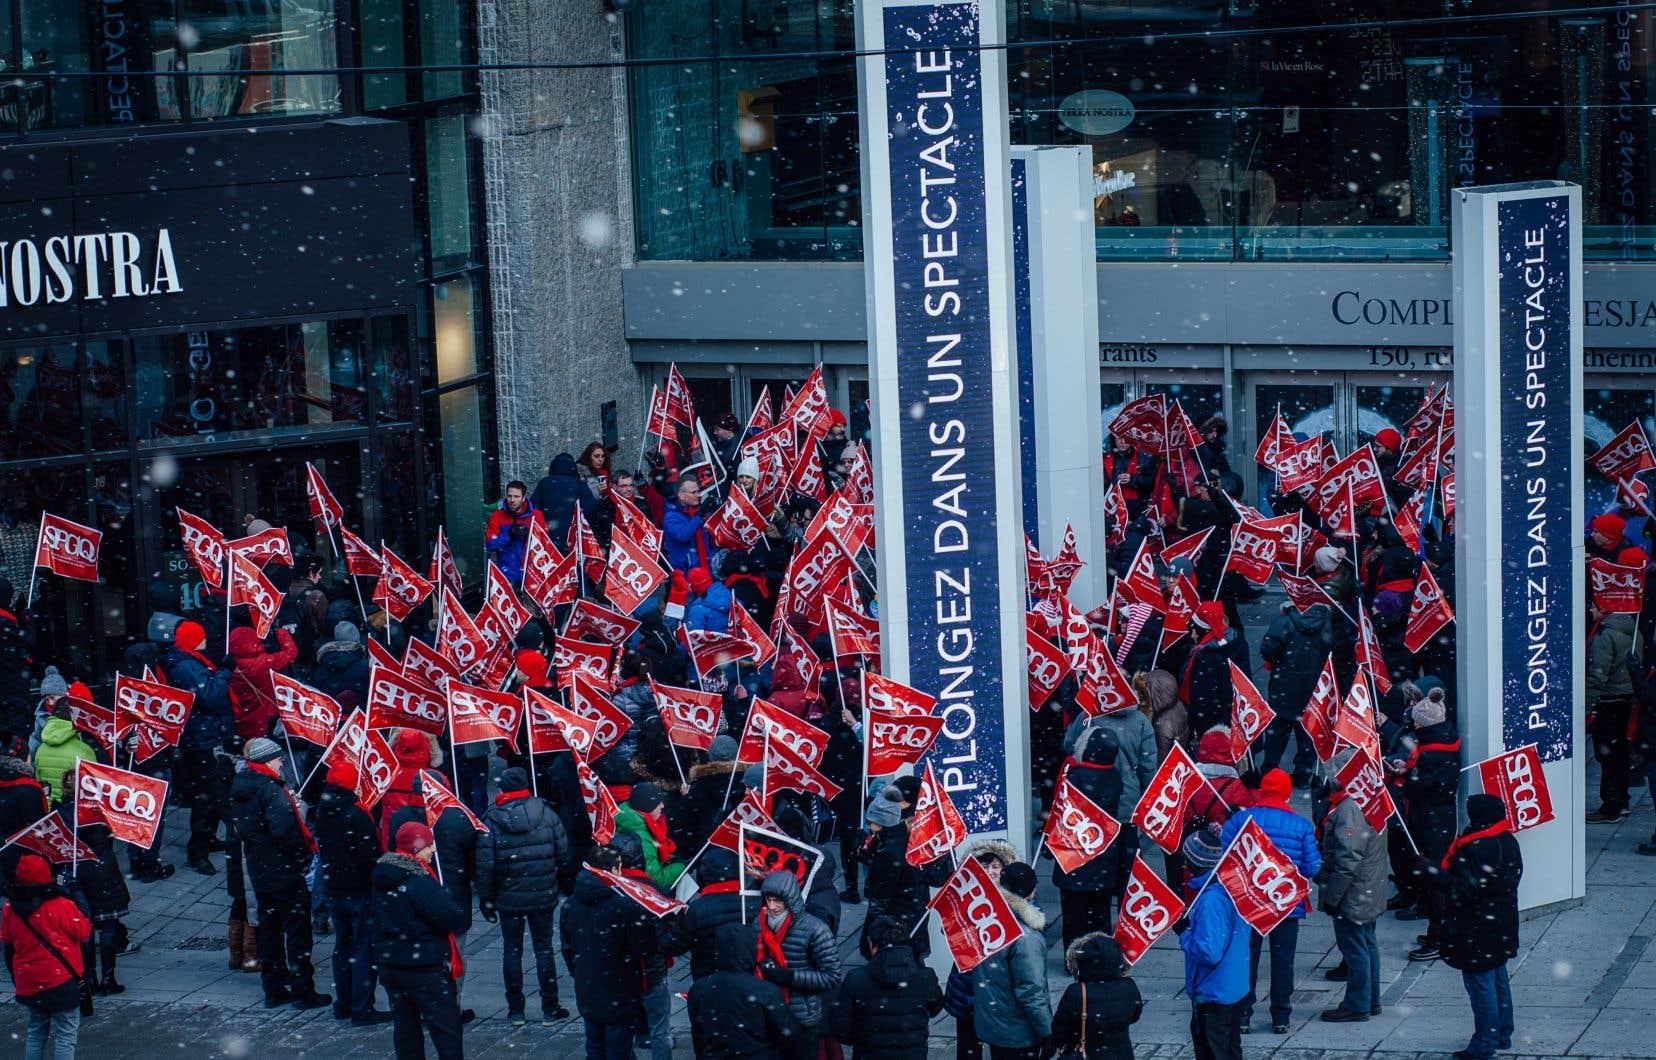 En novembre dernier, les membres du SPGQ avaient lancé une grève illimitée à la suite de 600 jours de négociations contractuelles restées dans l'impasse.